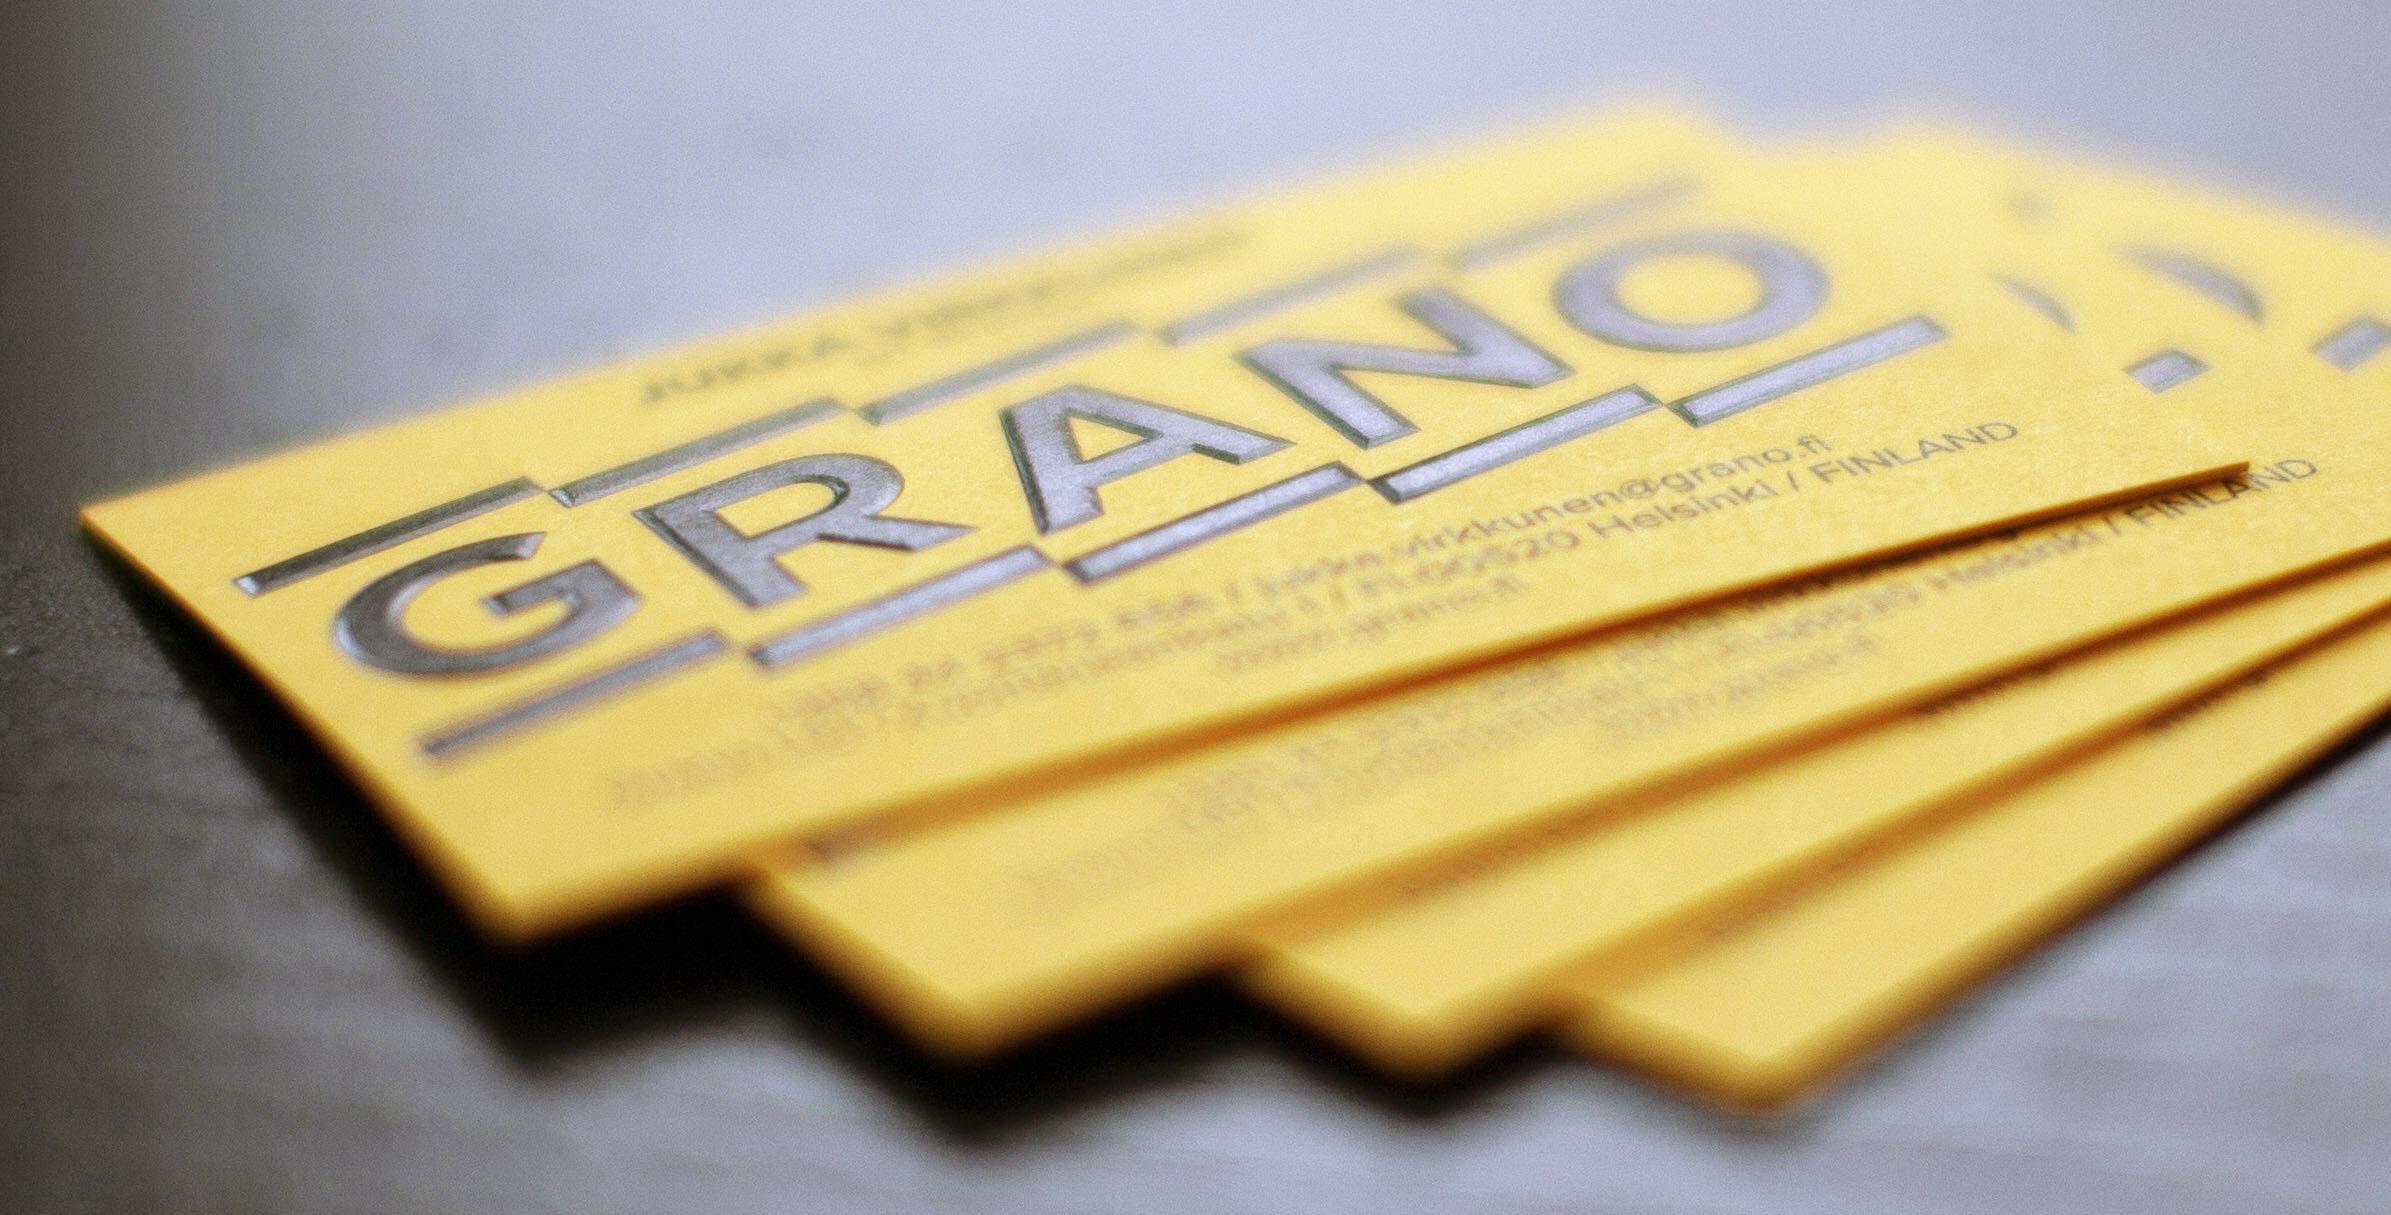 Käyntikorttikansio Käyntikorttiteline Ja Käyntikorttilipas Ecolta, Nyt Hyvästä Valikoimasta Käyntikorttikansiot Sekä Käyntikorttitelineet